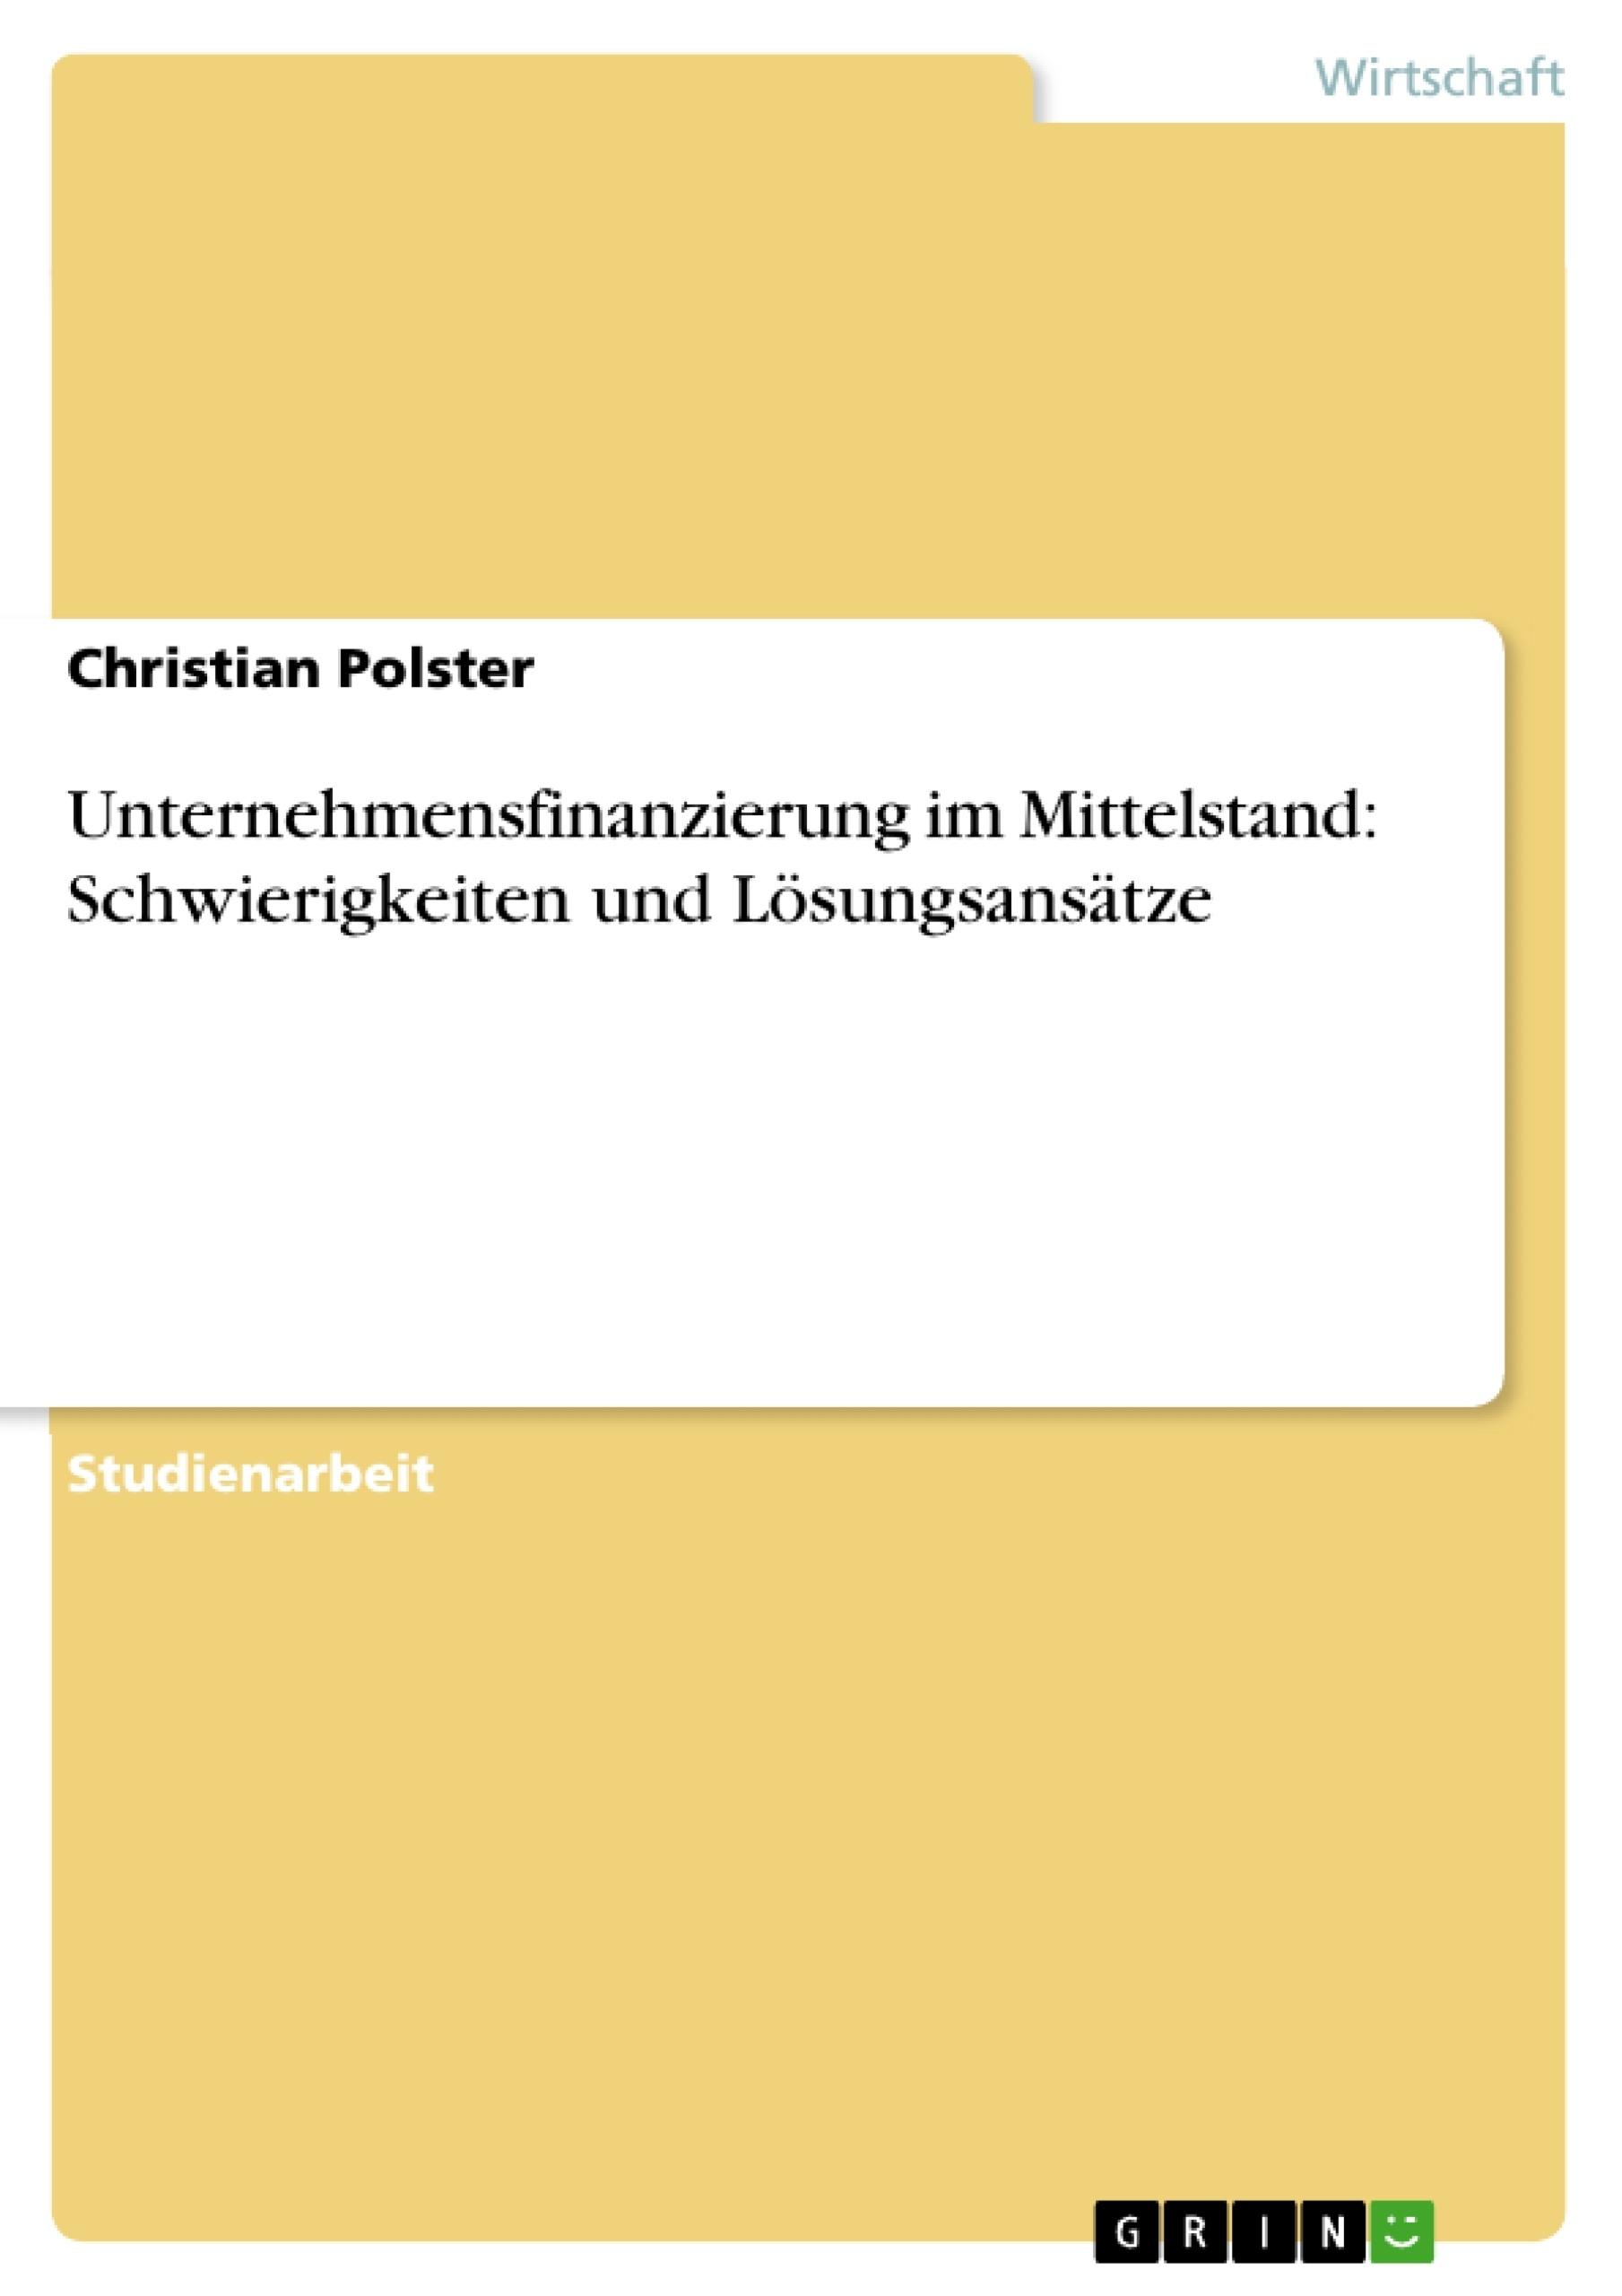 Titel: Unternehmensfinanzierung im Mittelstand: Schwierigkeiten und Lösungsansätze